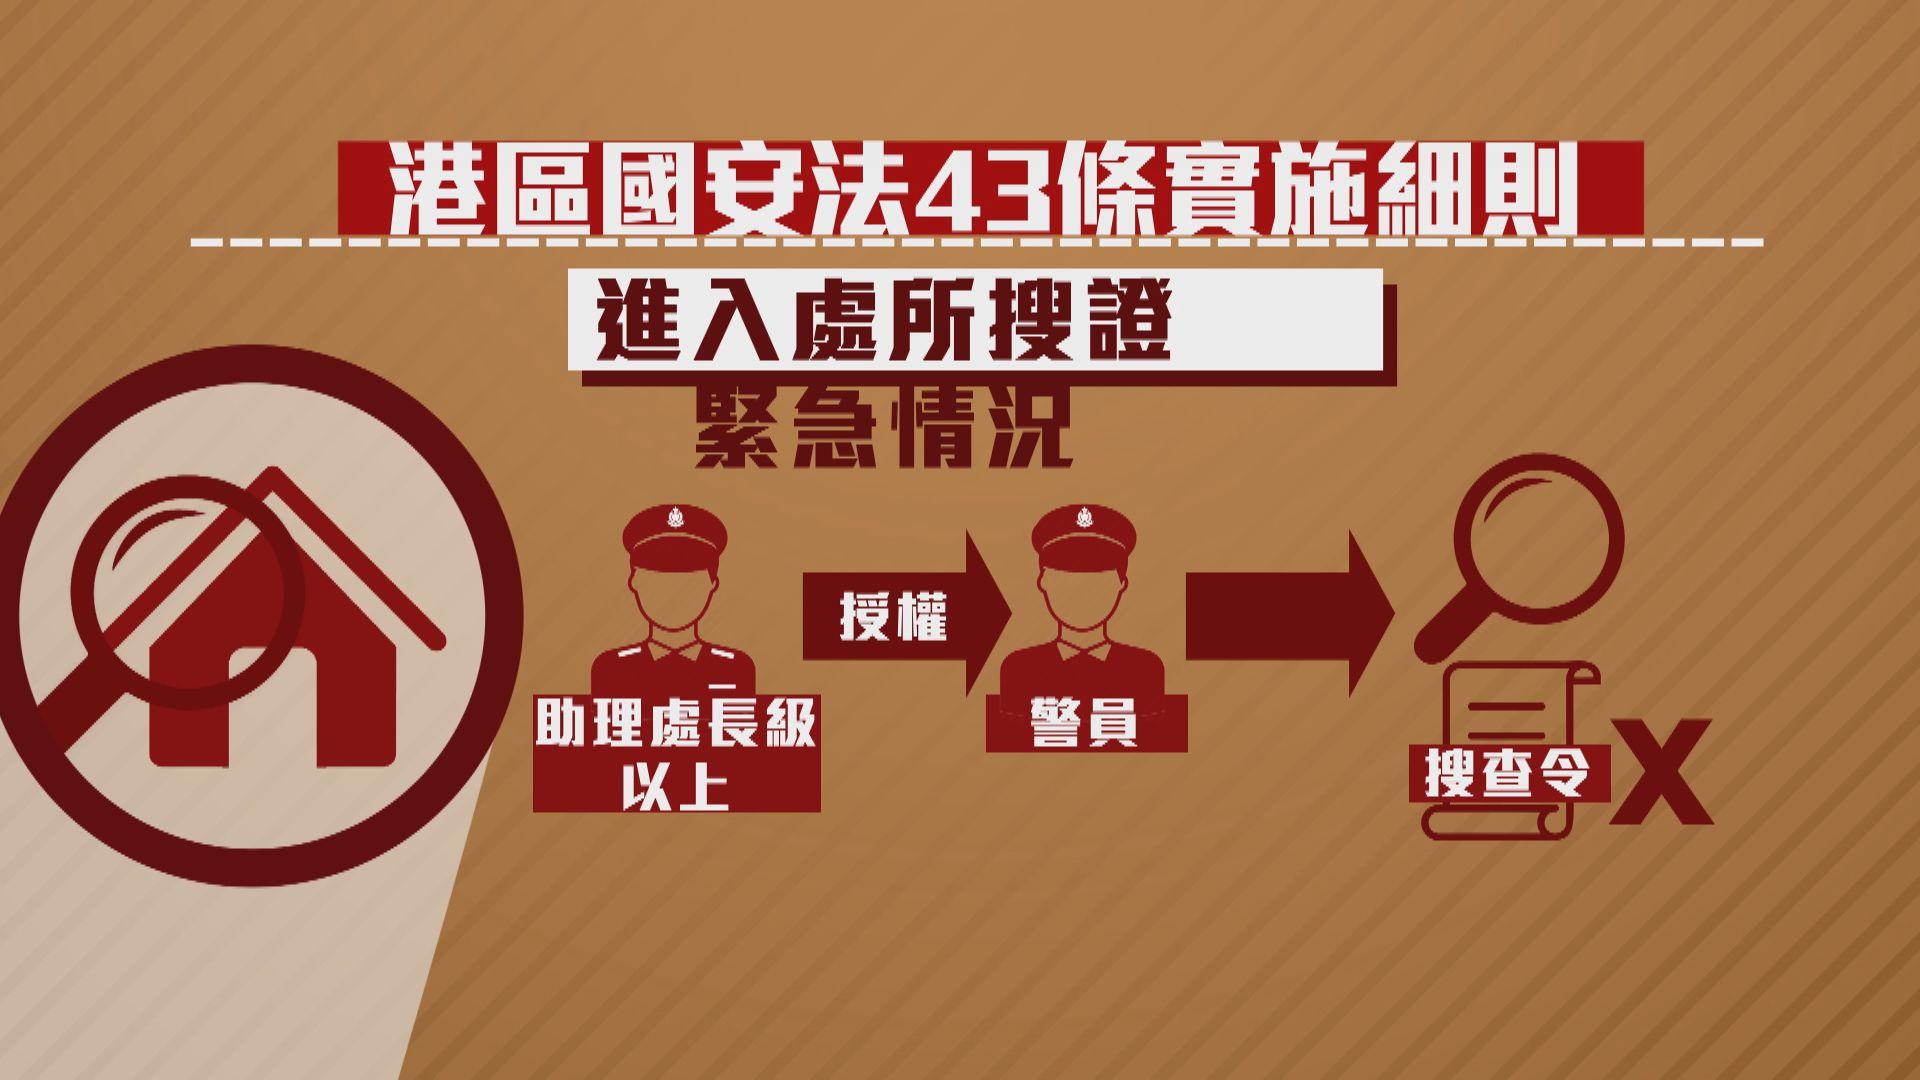 林鄭:第43條細則非擴權 實為保障人權